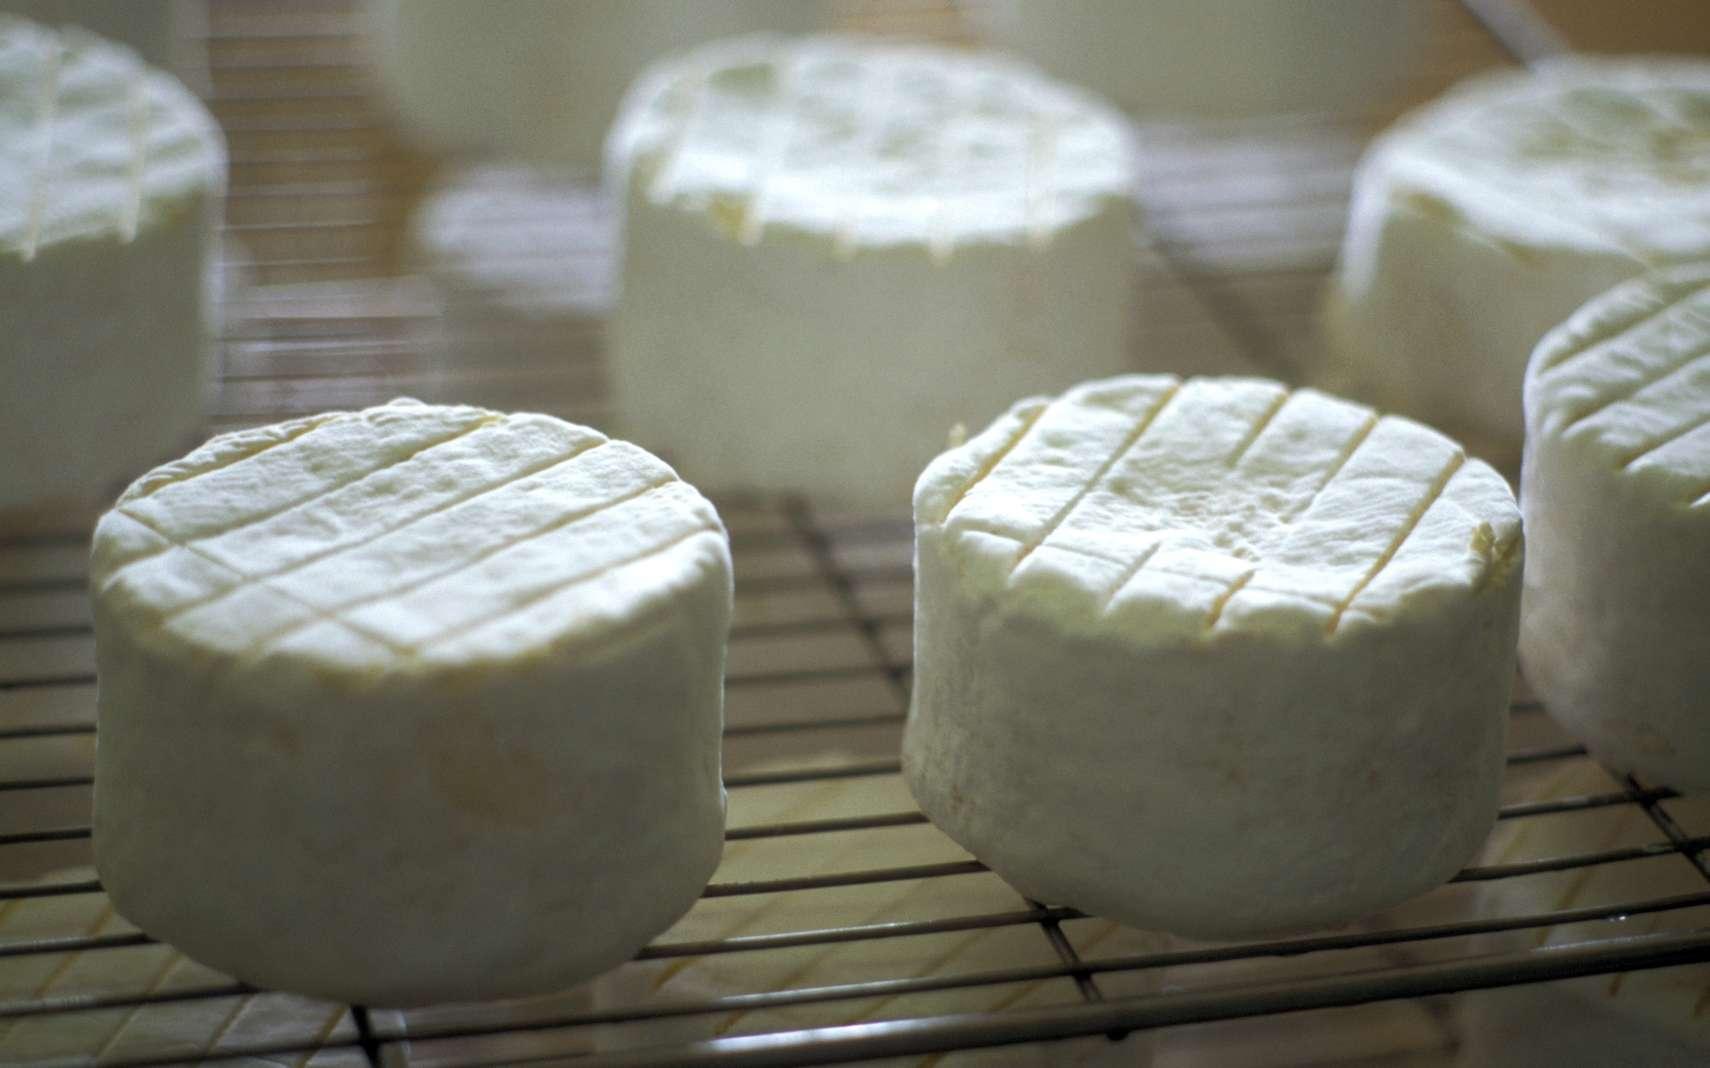 Les fromages frais, de vache ou de chèvre, sont les plus facile à fabriquer chez soi. © FOOD-micro, Fotolia